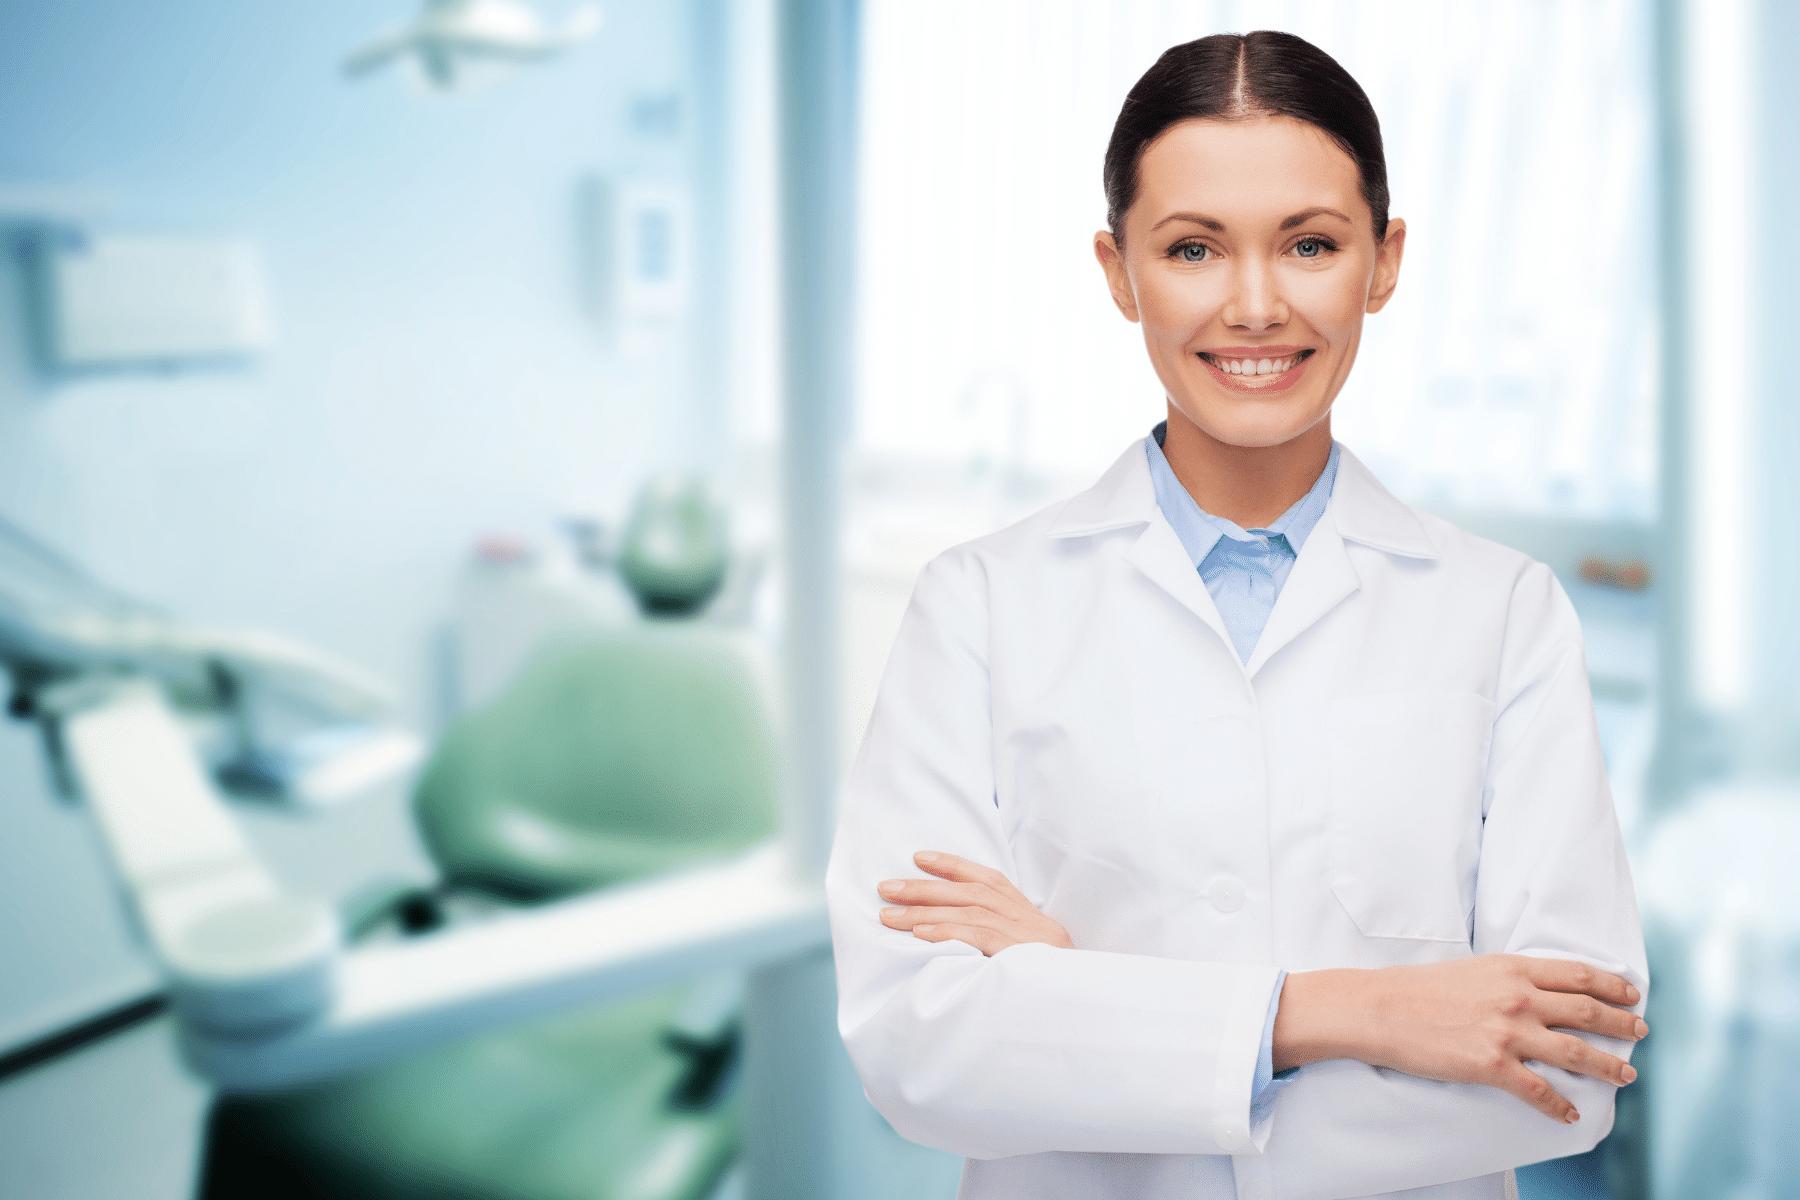 dentist in white coat